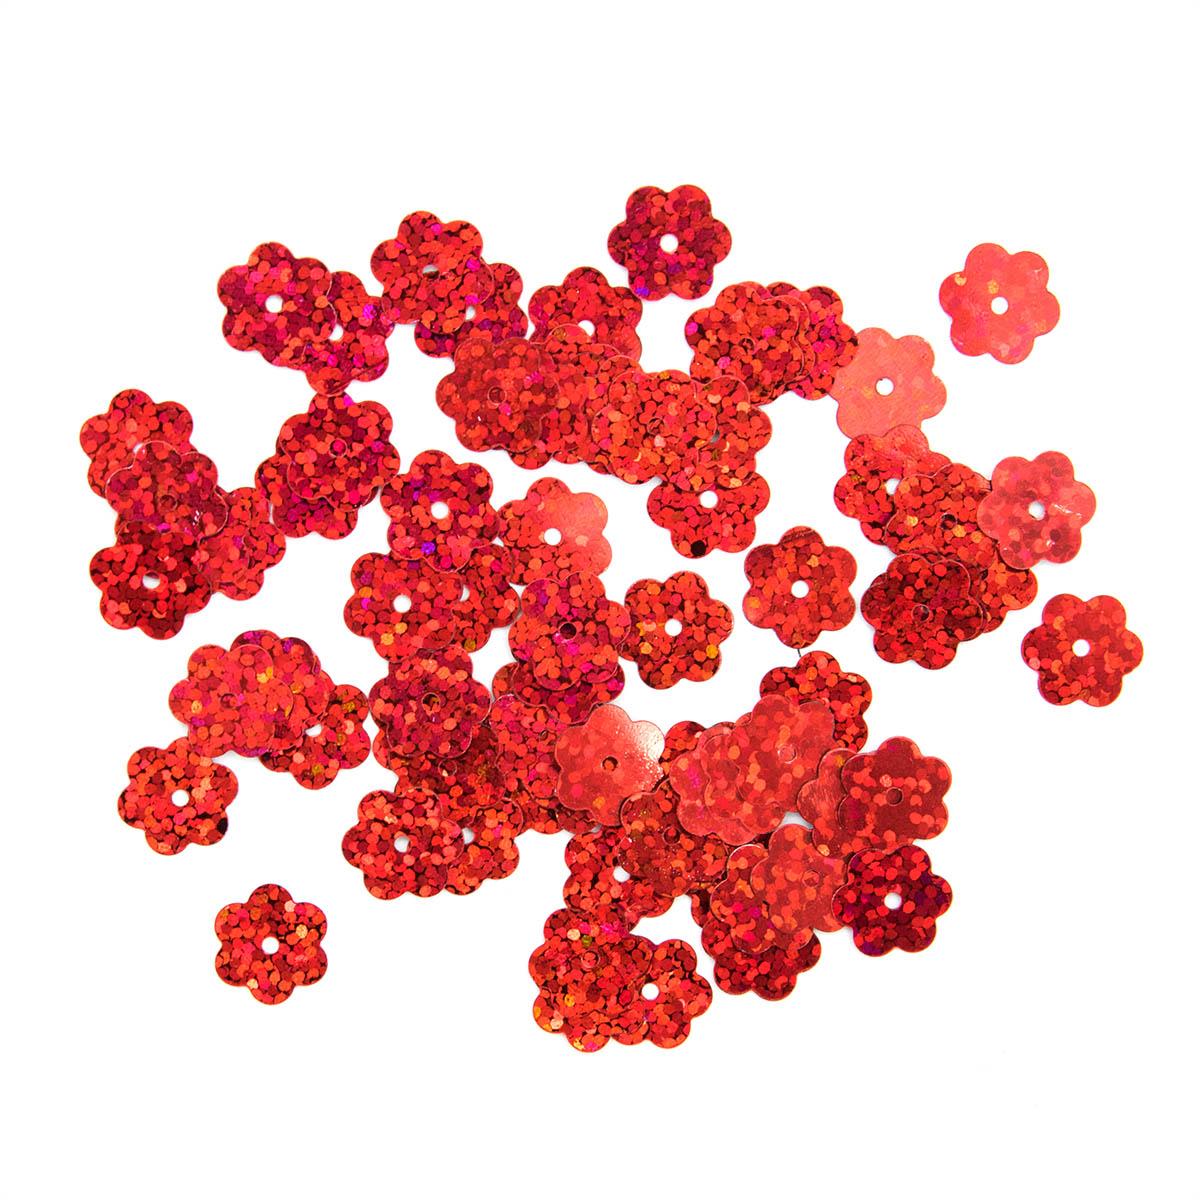 Пайетки 'цветочки', 10 мм, упак./10 гр., 'Астра'